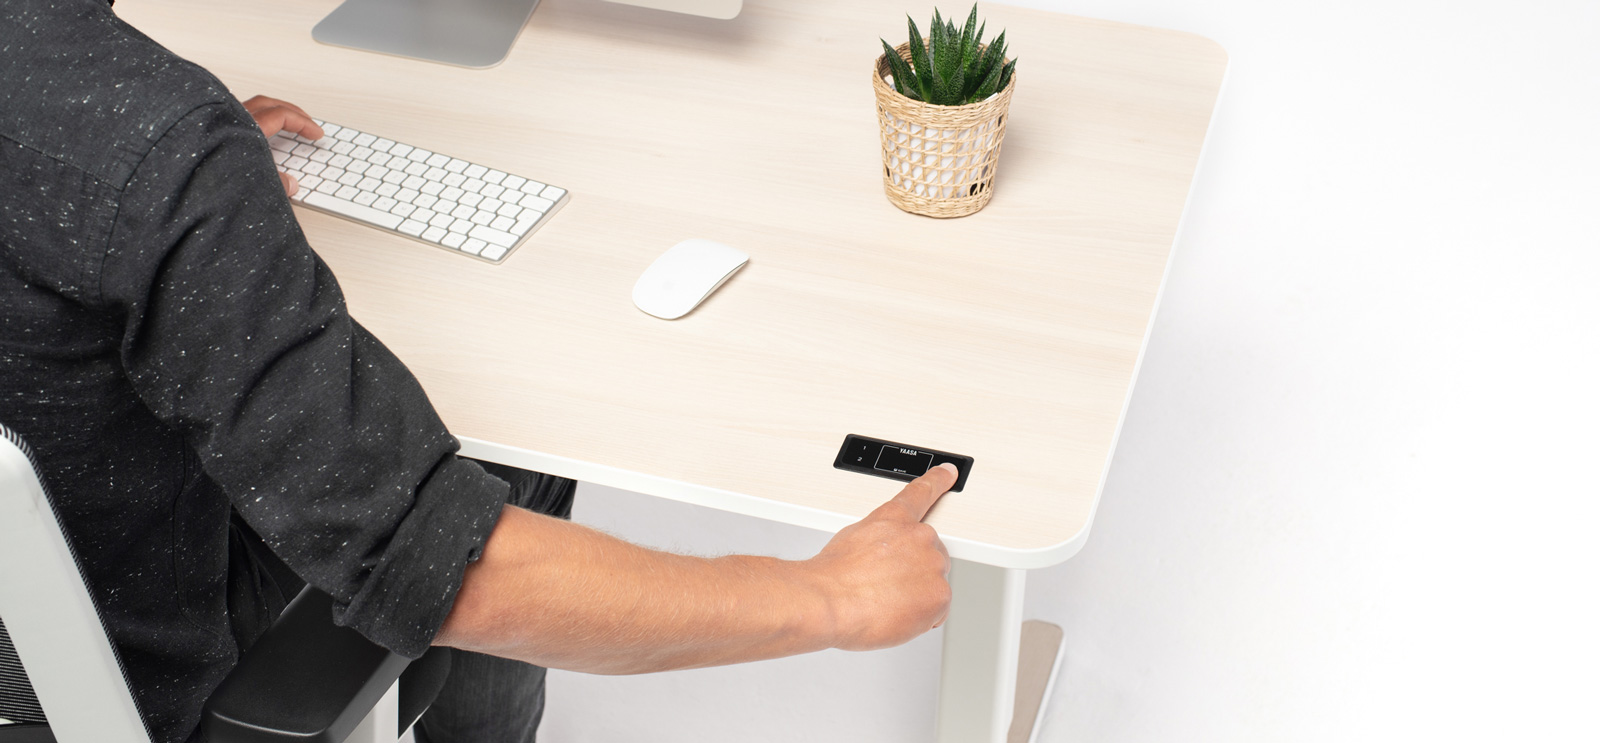 Du kannst die Höheneinstellung des Yaasa Desk innerhalb weniger Sekunden auf Knopfdruck ändern.